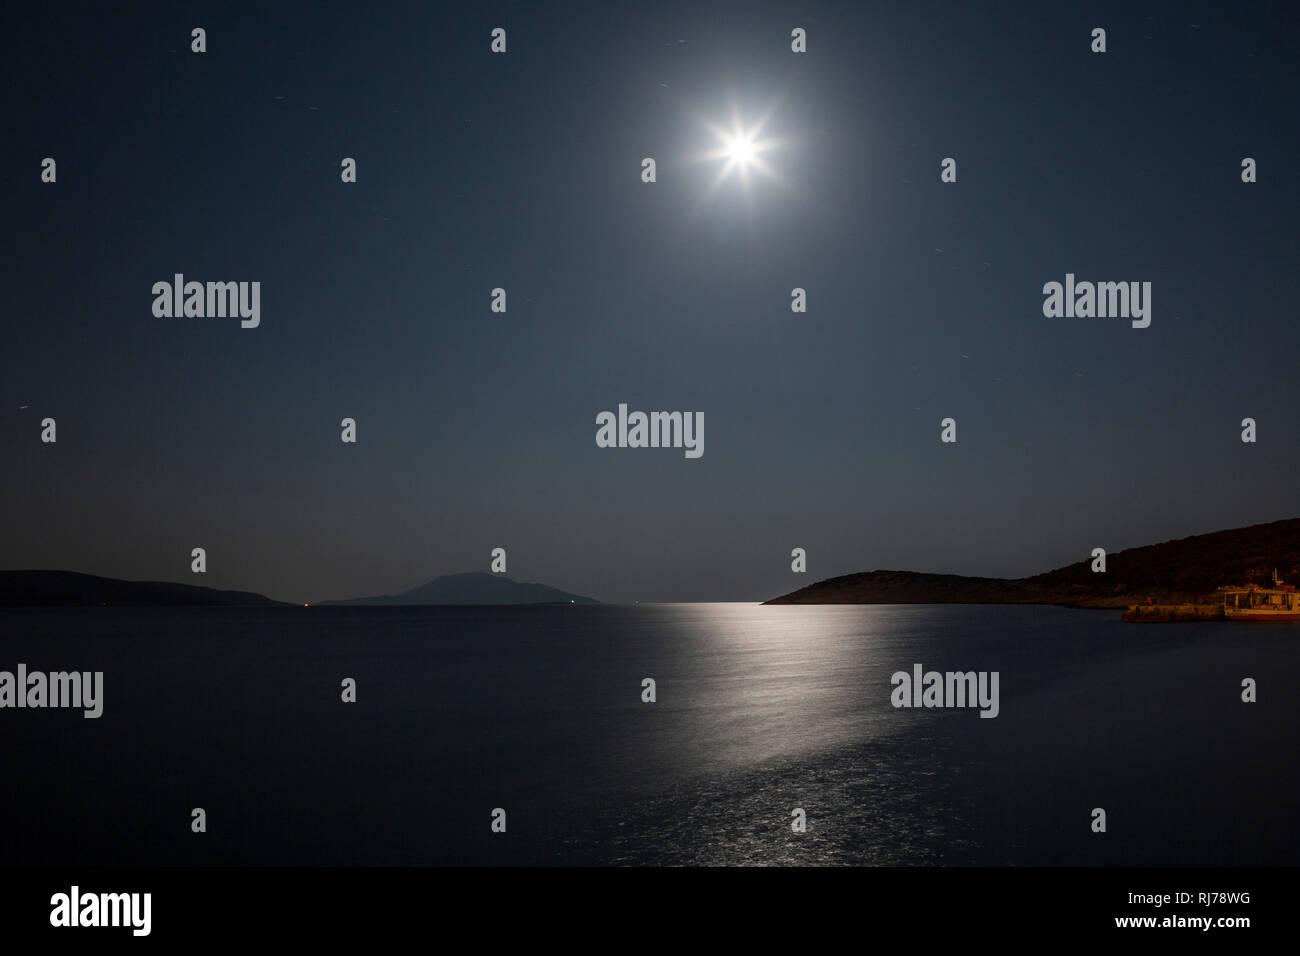 Mond spiegelt sich im kroatischen Meer - Stock Image